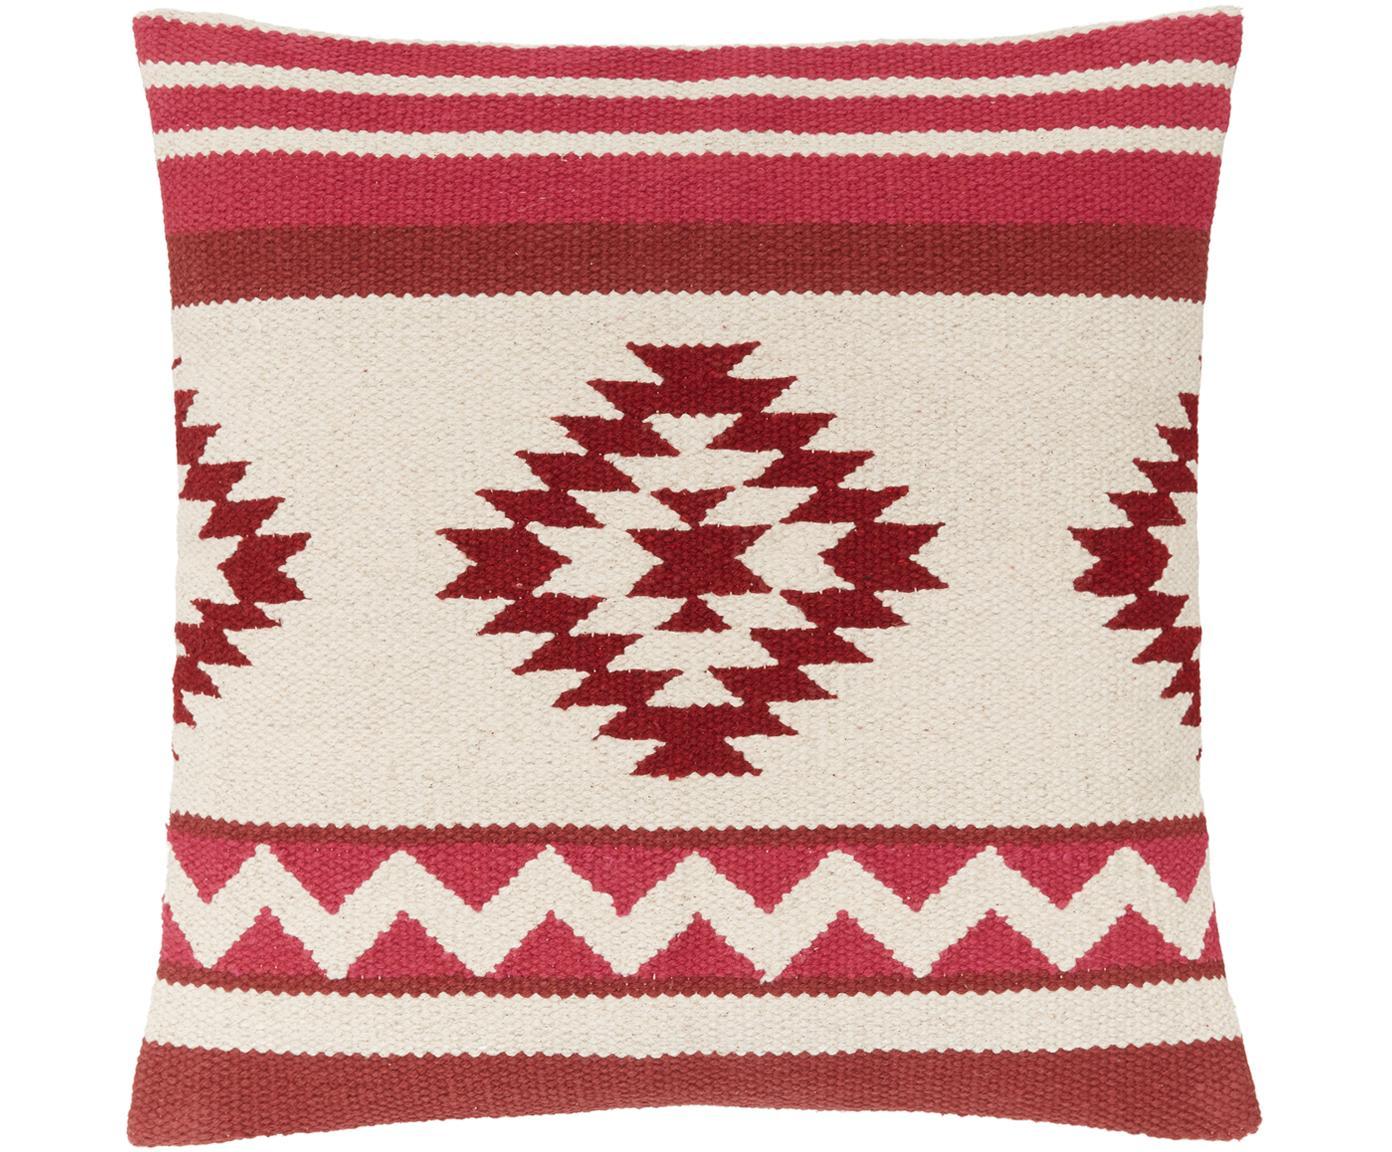 Federa arredo con motivo etnico Tuca, Cotone, Beige, rosso chiaro, rosso scuro, Larg. 45 x Lung. 45 cm